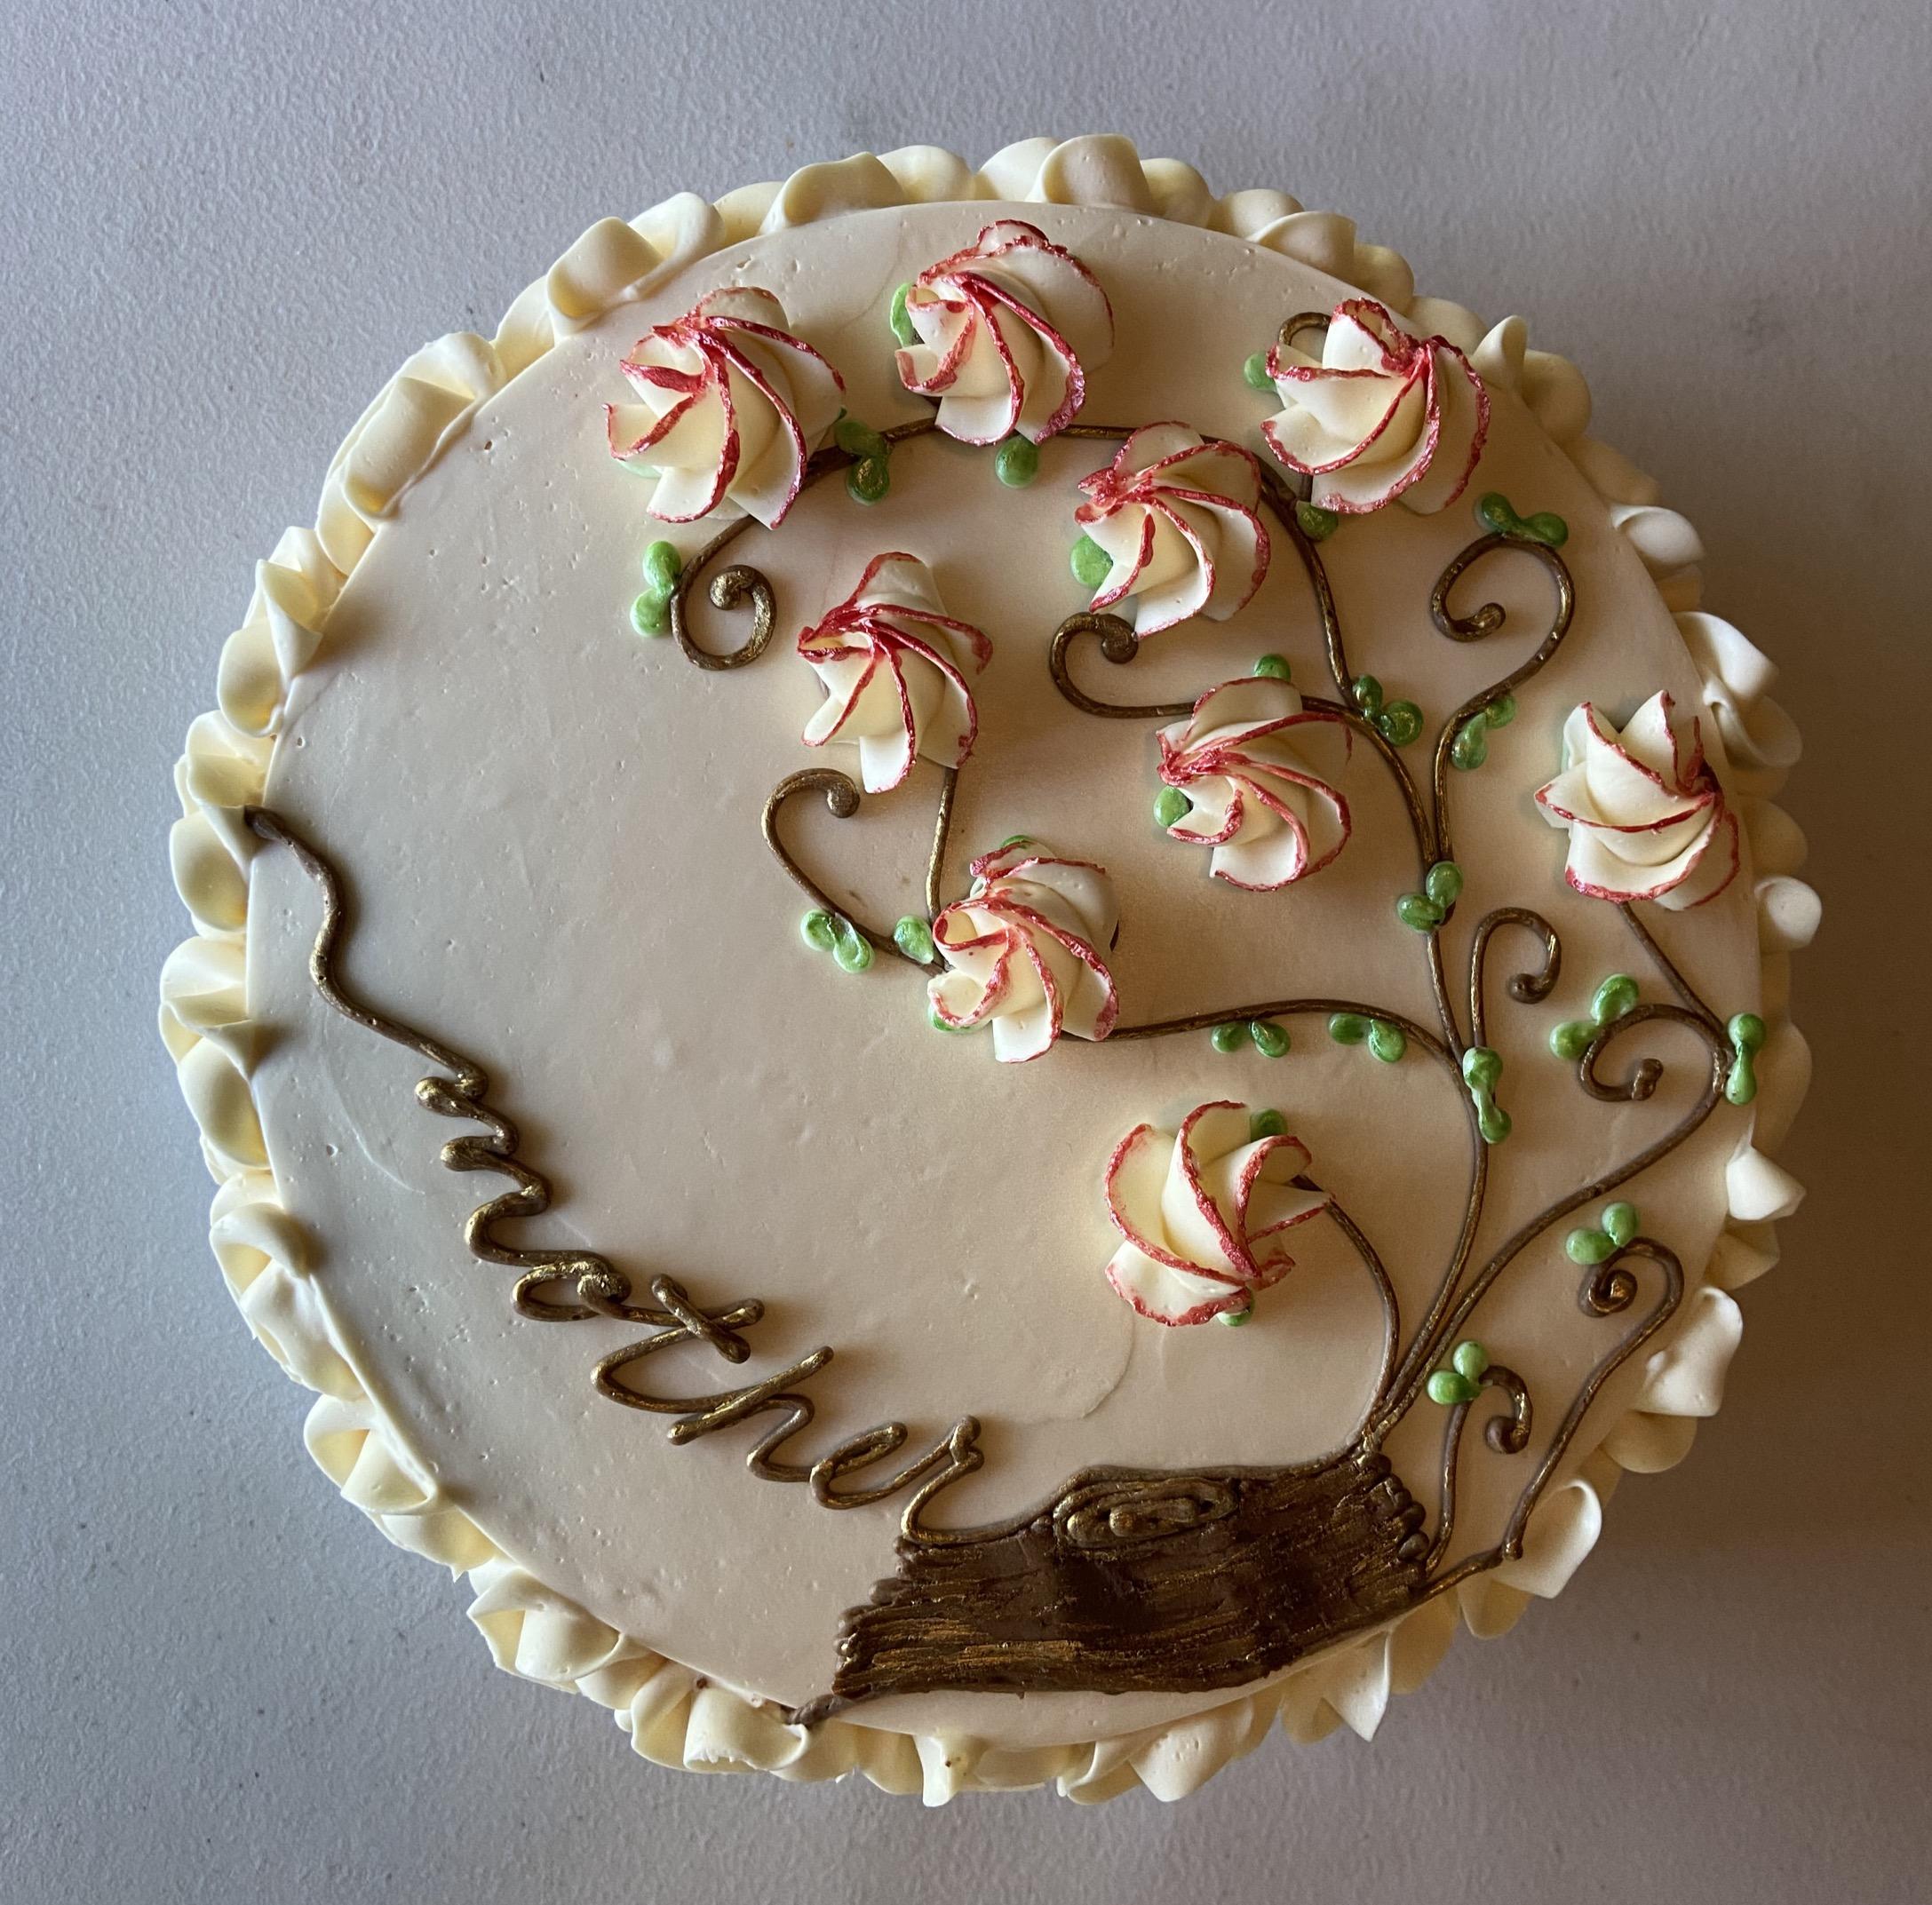 Custom-Designed Cake